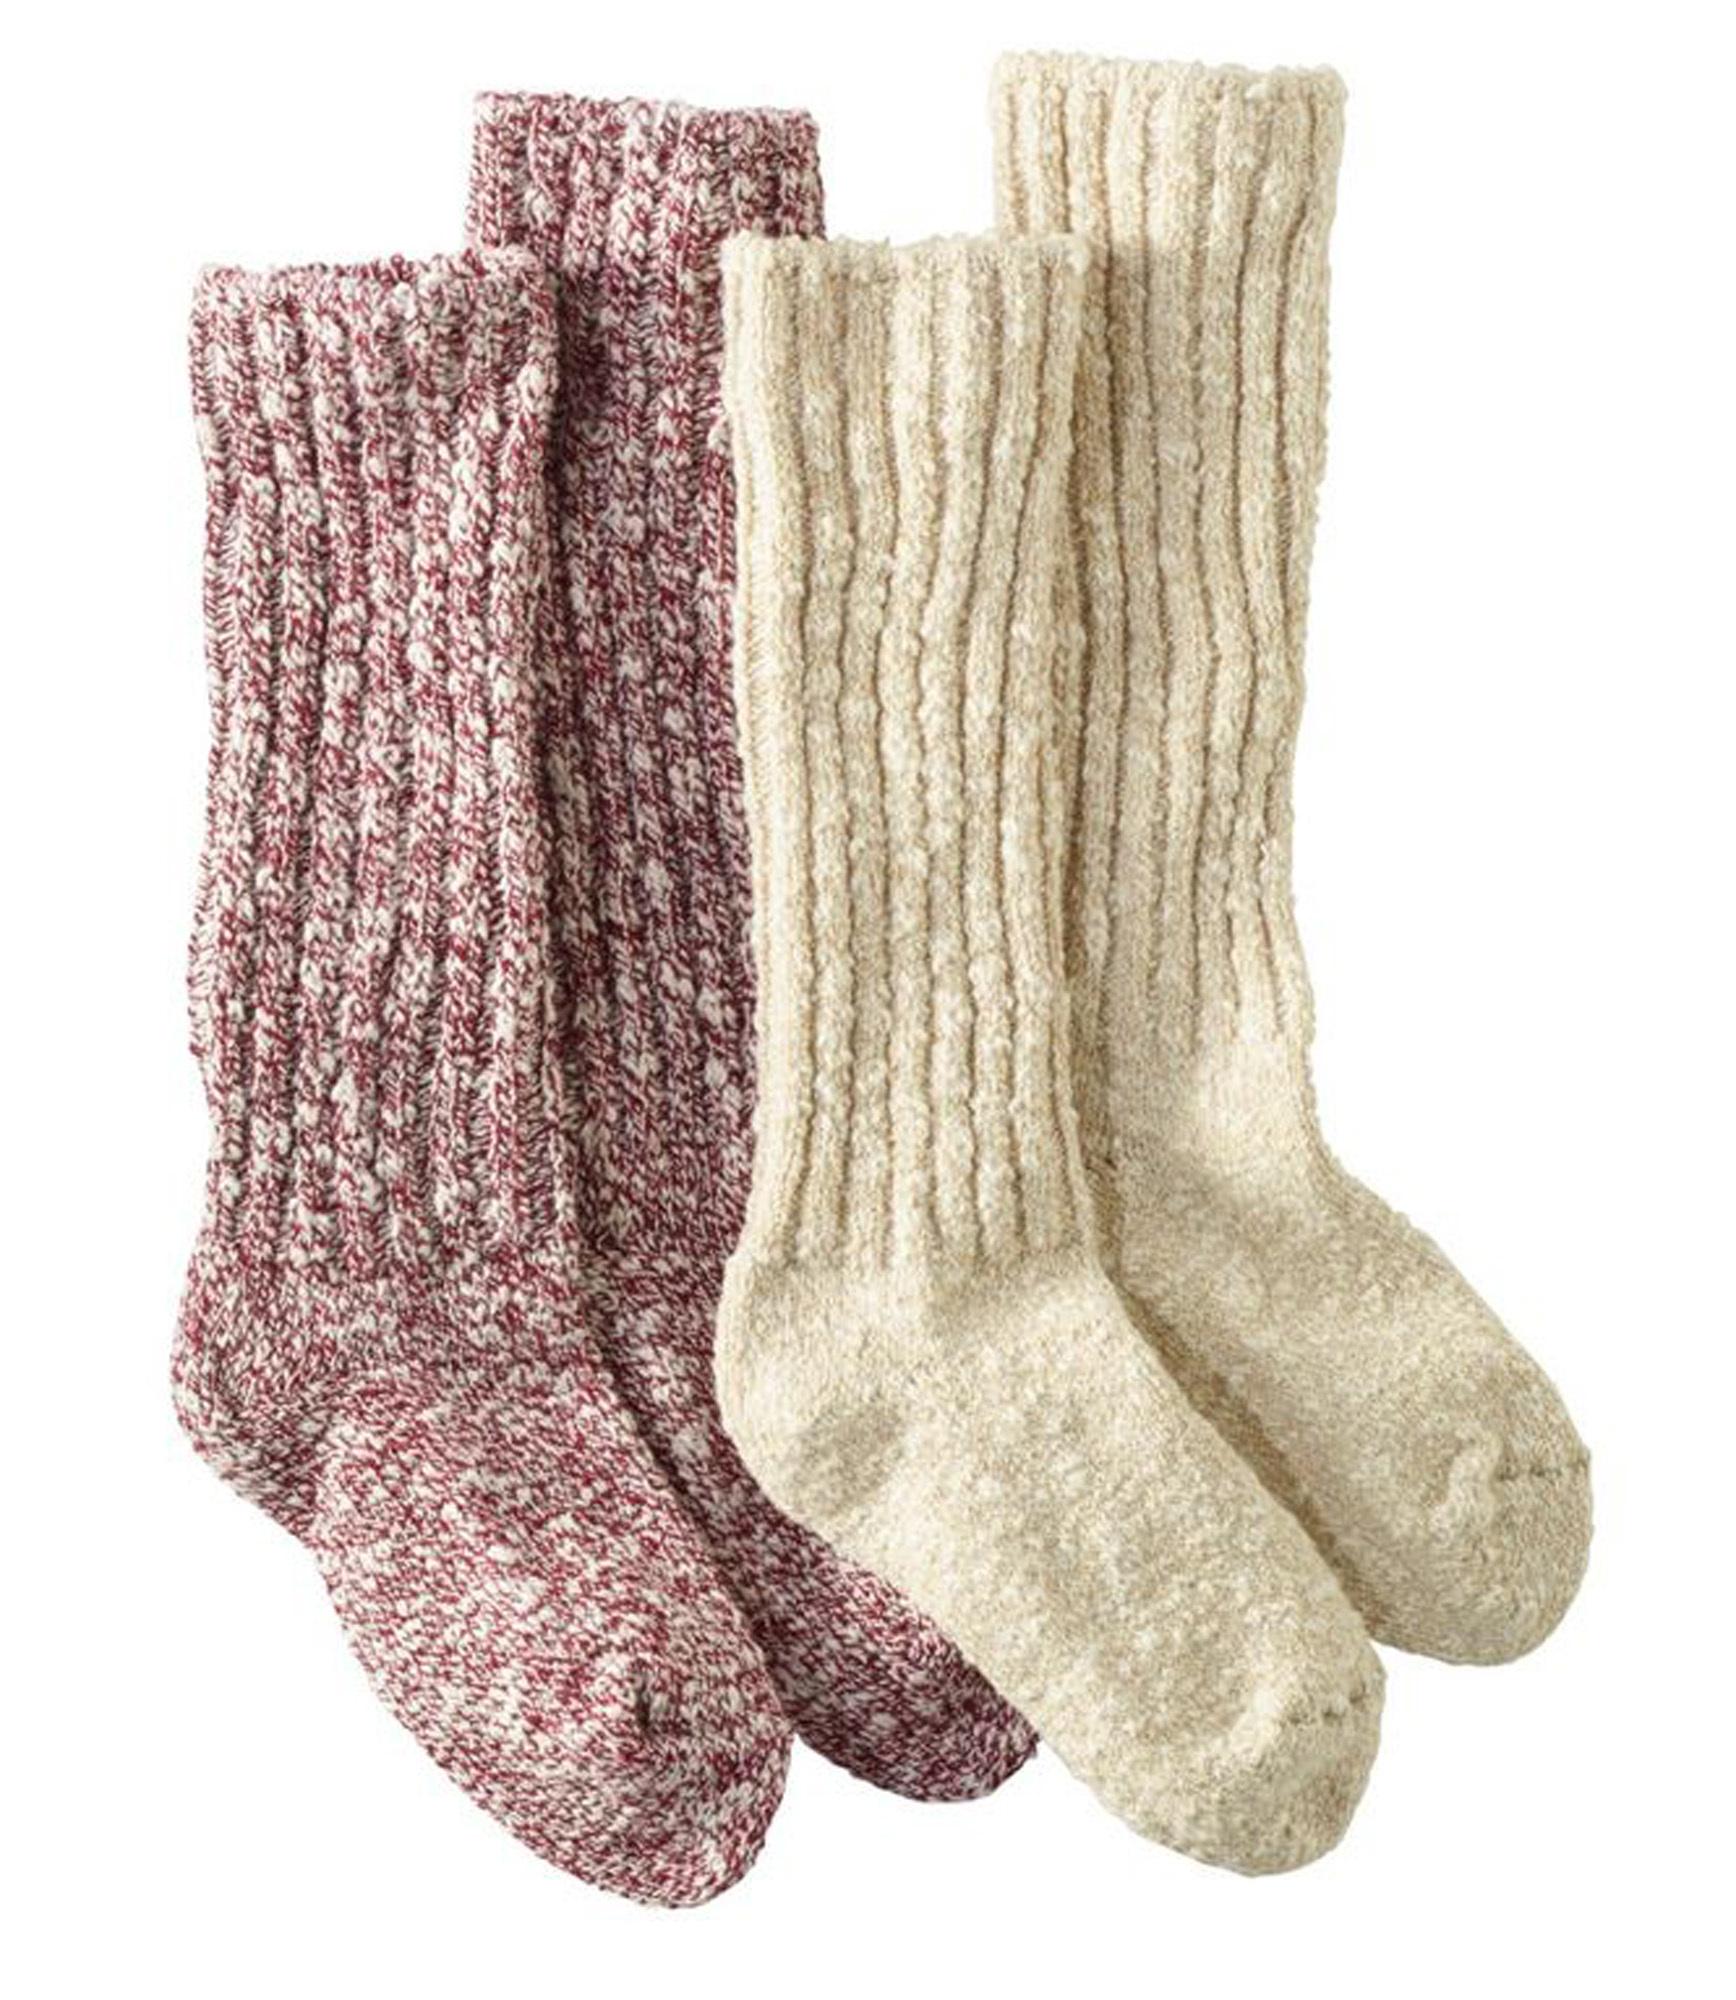 LLBean-socks.jpg?mtime=20190415100636#asset:105509